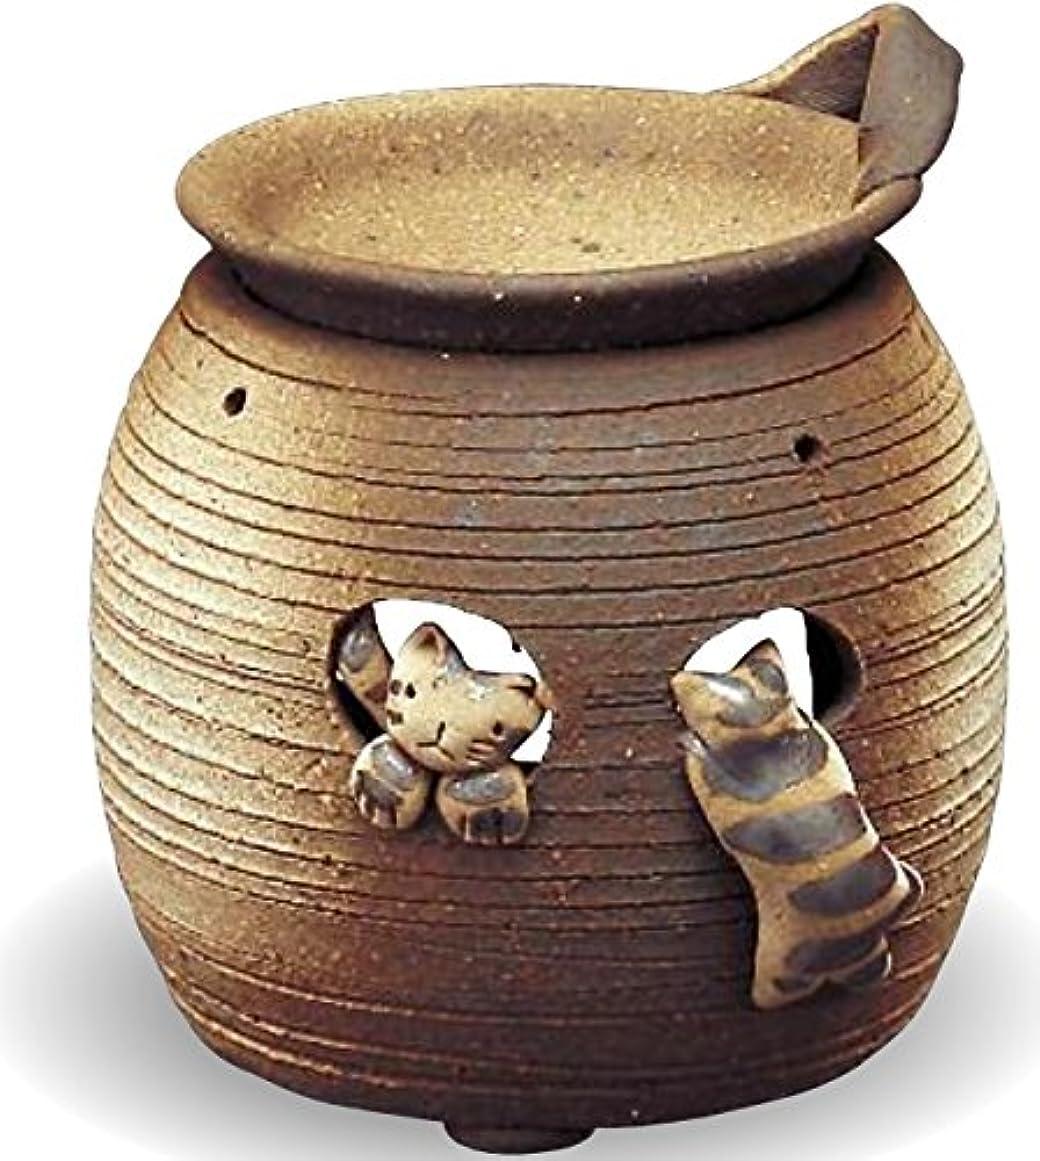 アプライアンス事前にほんの常滑焼 茶香炉(アロマポット)猫 径11×高さ12cm